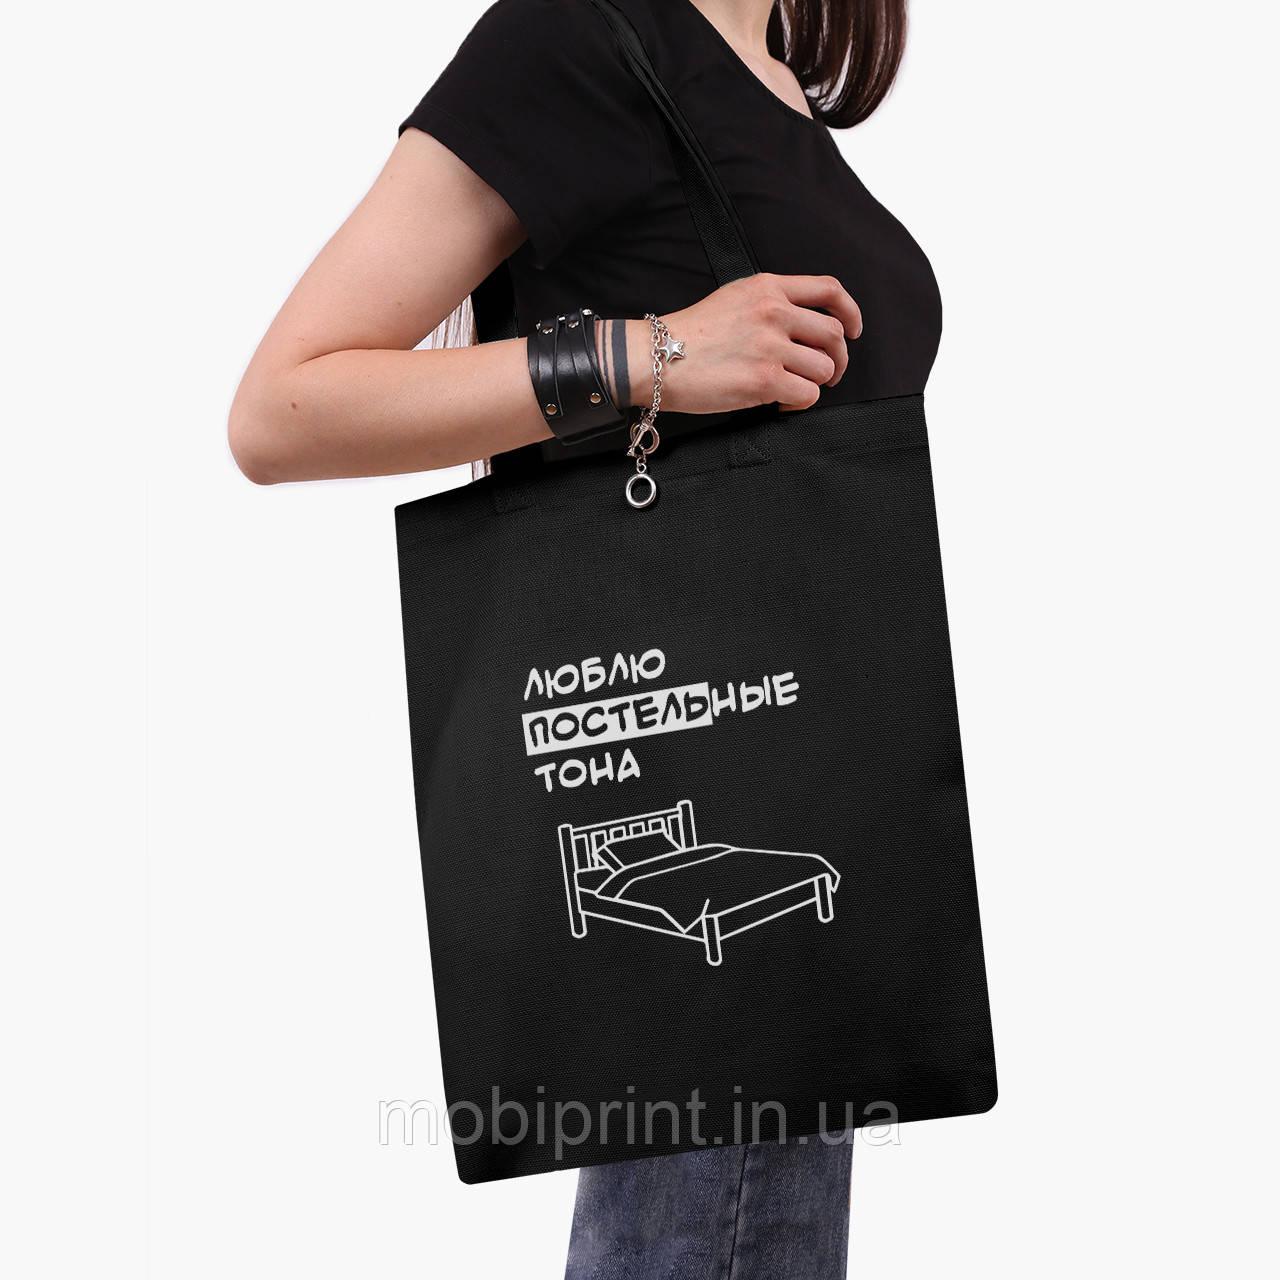 Эко сумка шоппер черная Люблю постельные тона (I love bed colors) (9227-1543-2)  экосумка шопер 41*35 см